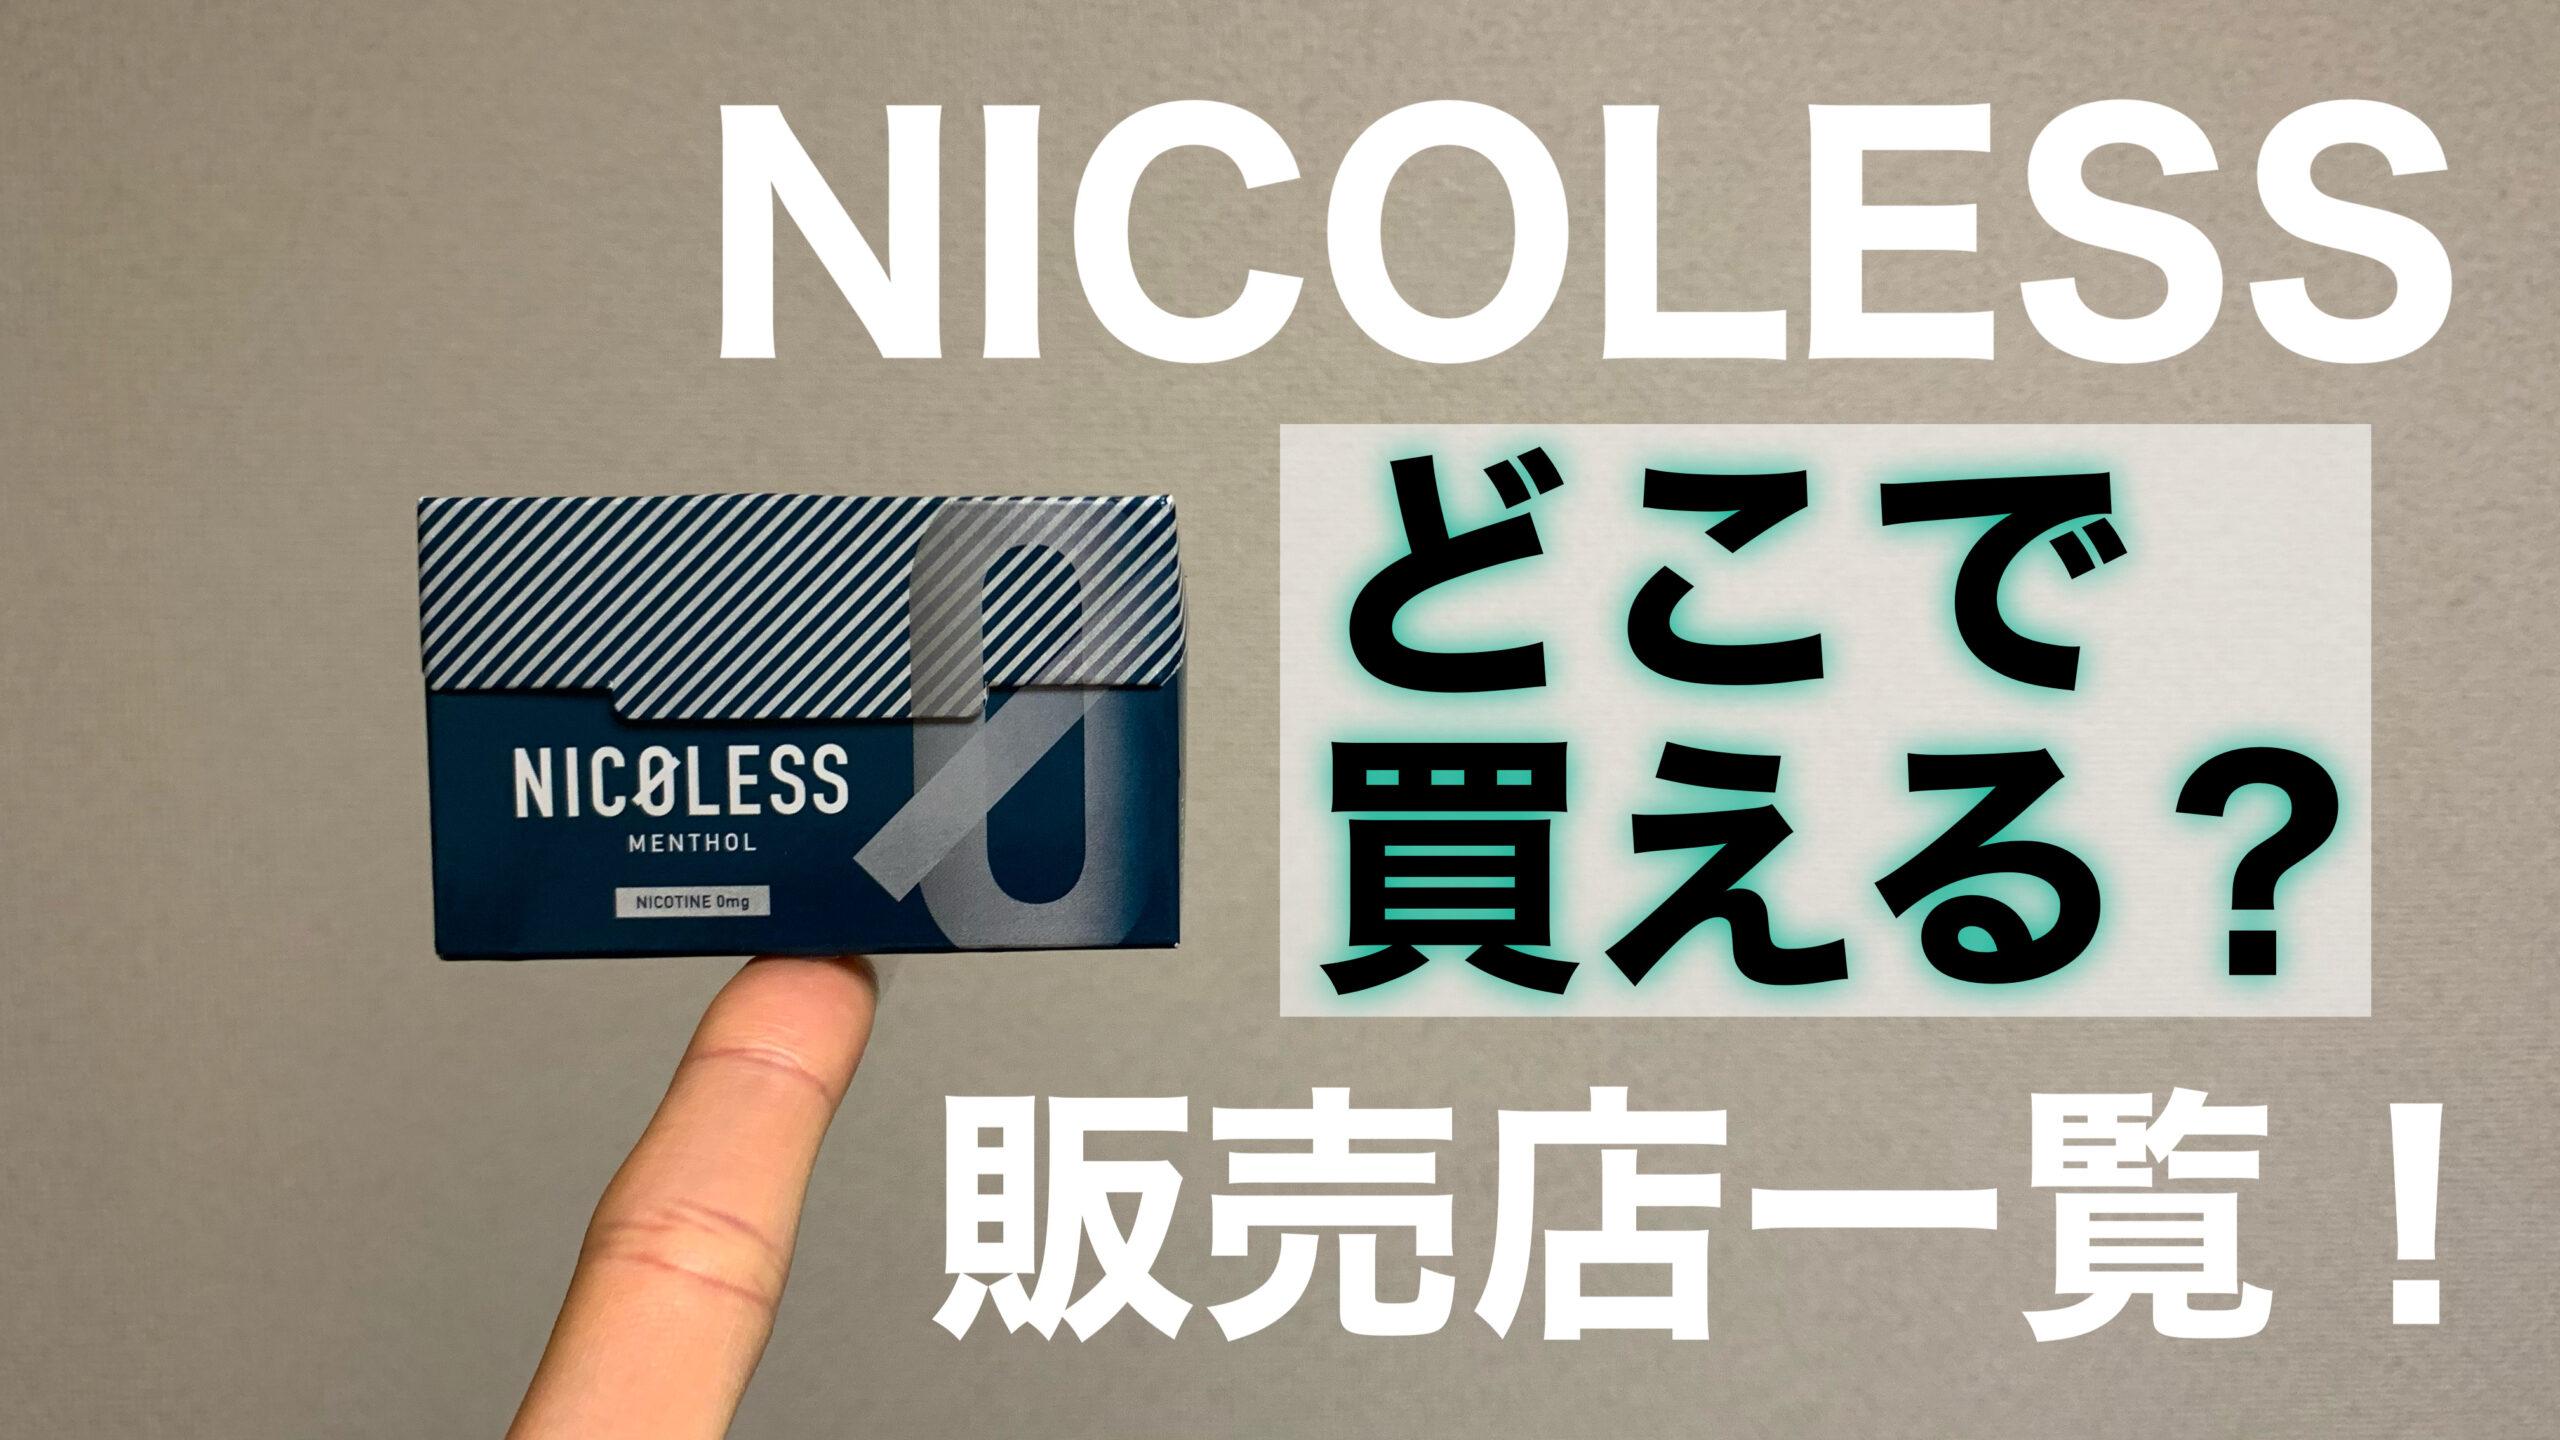 NICOLESS where to buy